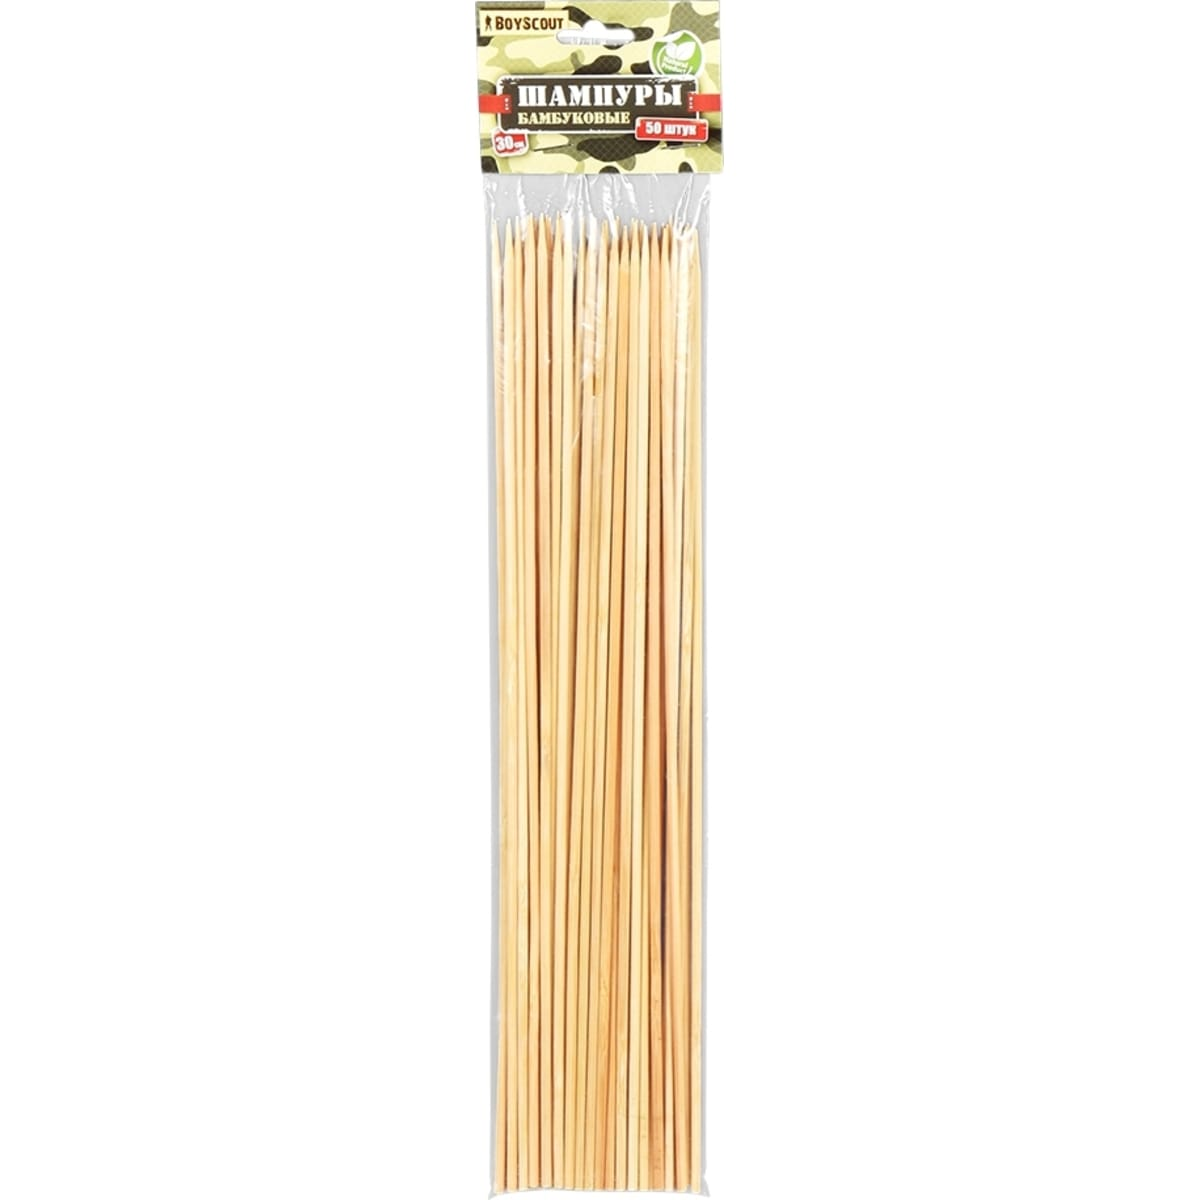 Шампуры бамбуковые Boyscout 30х0.3 см 50 шт